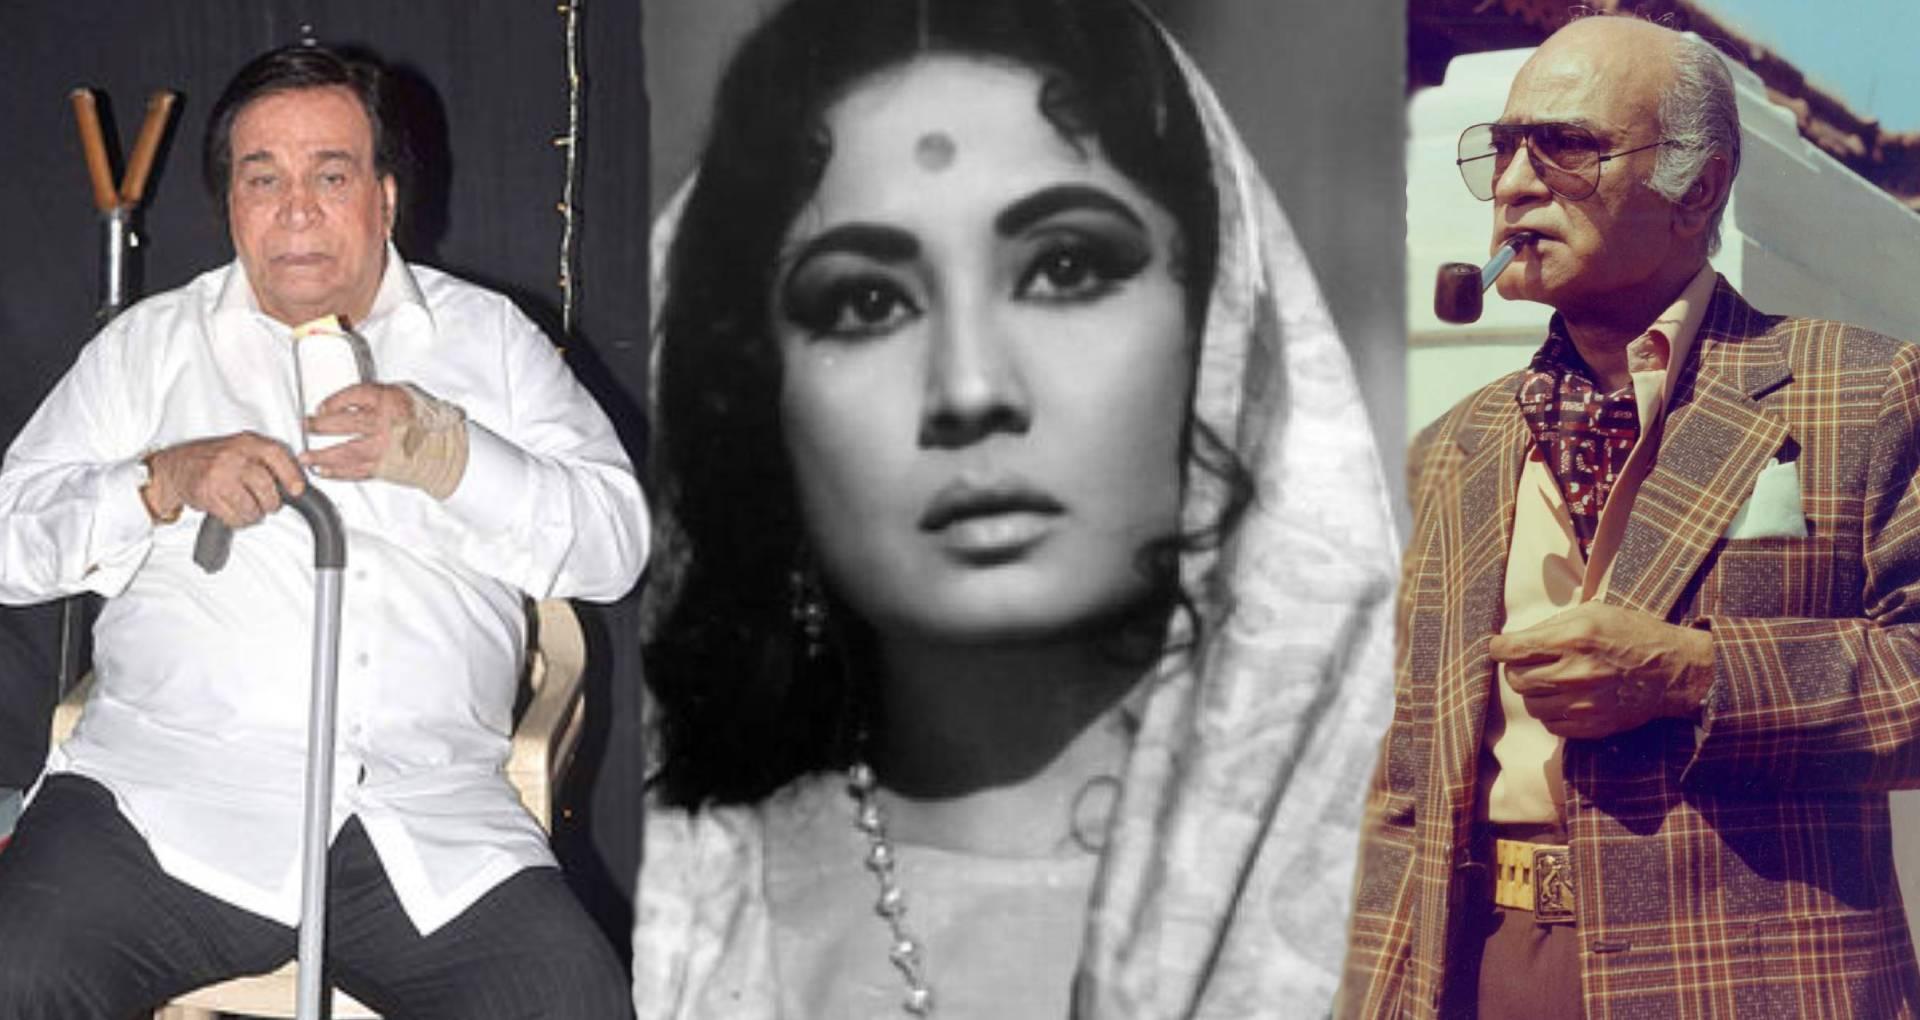 बॉलीवुड के इन सितारों को अंतिम समय में नहीं मिला किसी का साथ, कंगाली और अकेलेपन ने ली इनकी जान